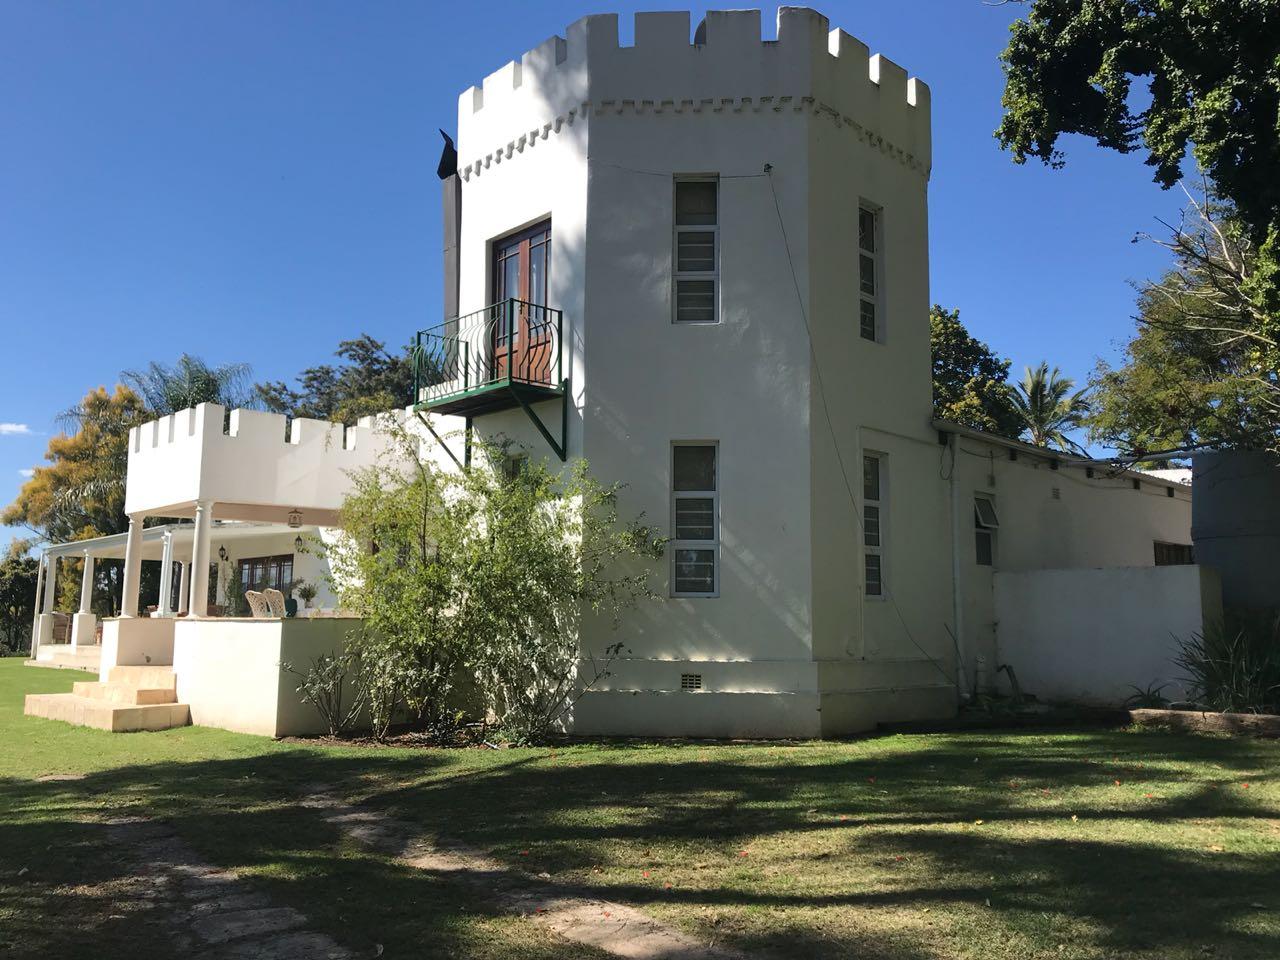 Castle - approach